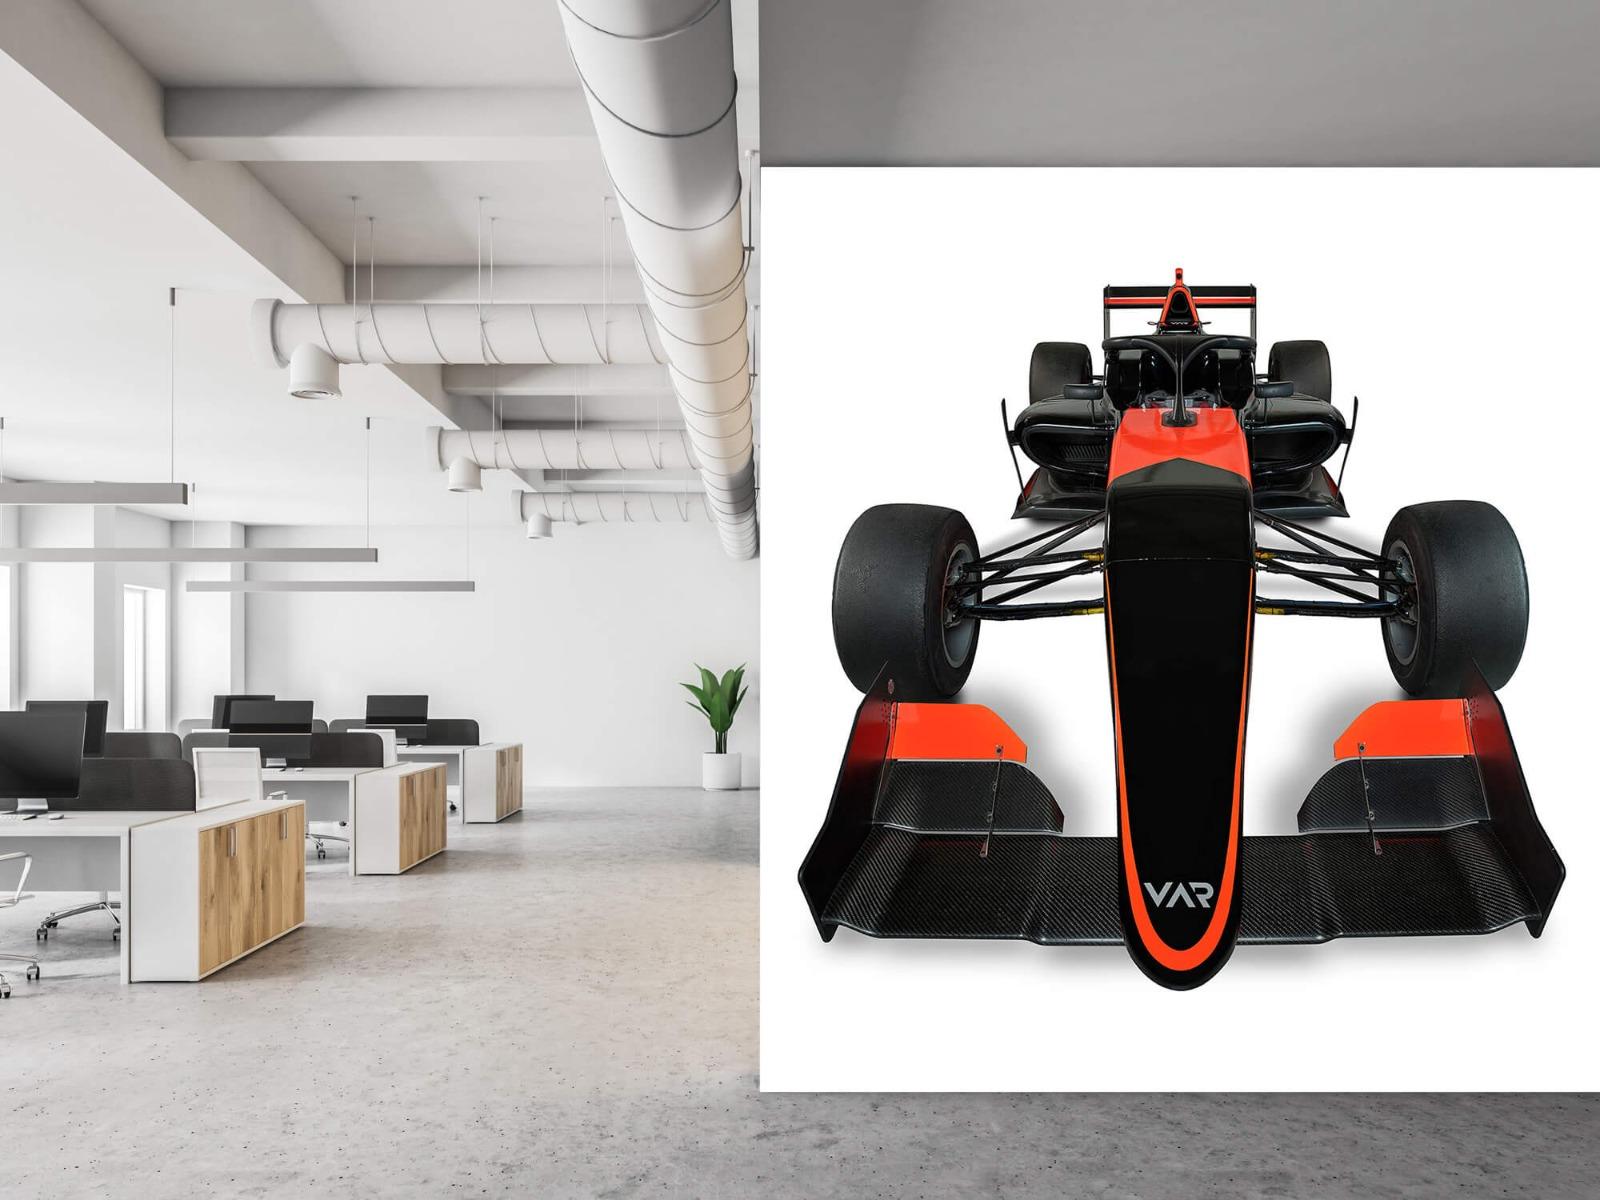 Sportauto's - Formule 3 - Front view - Computerruimte 21